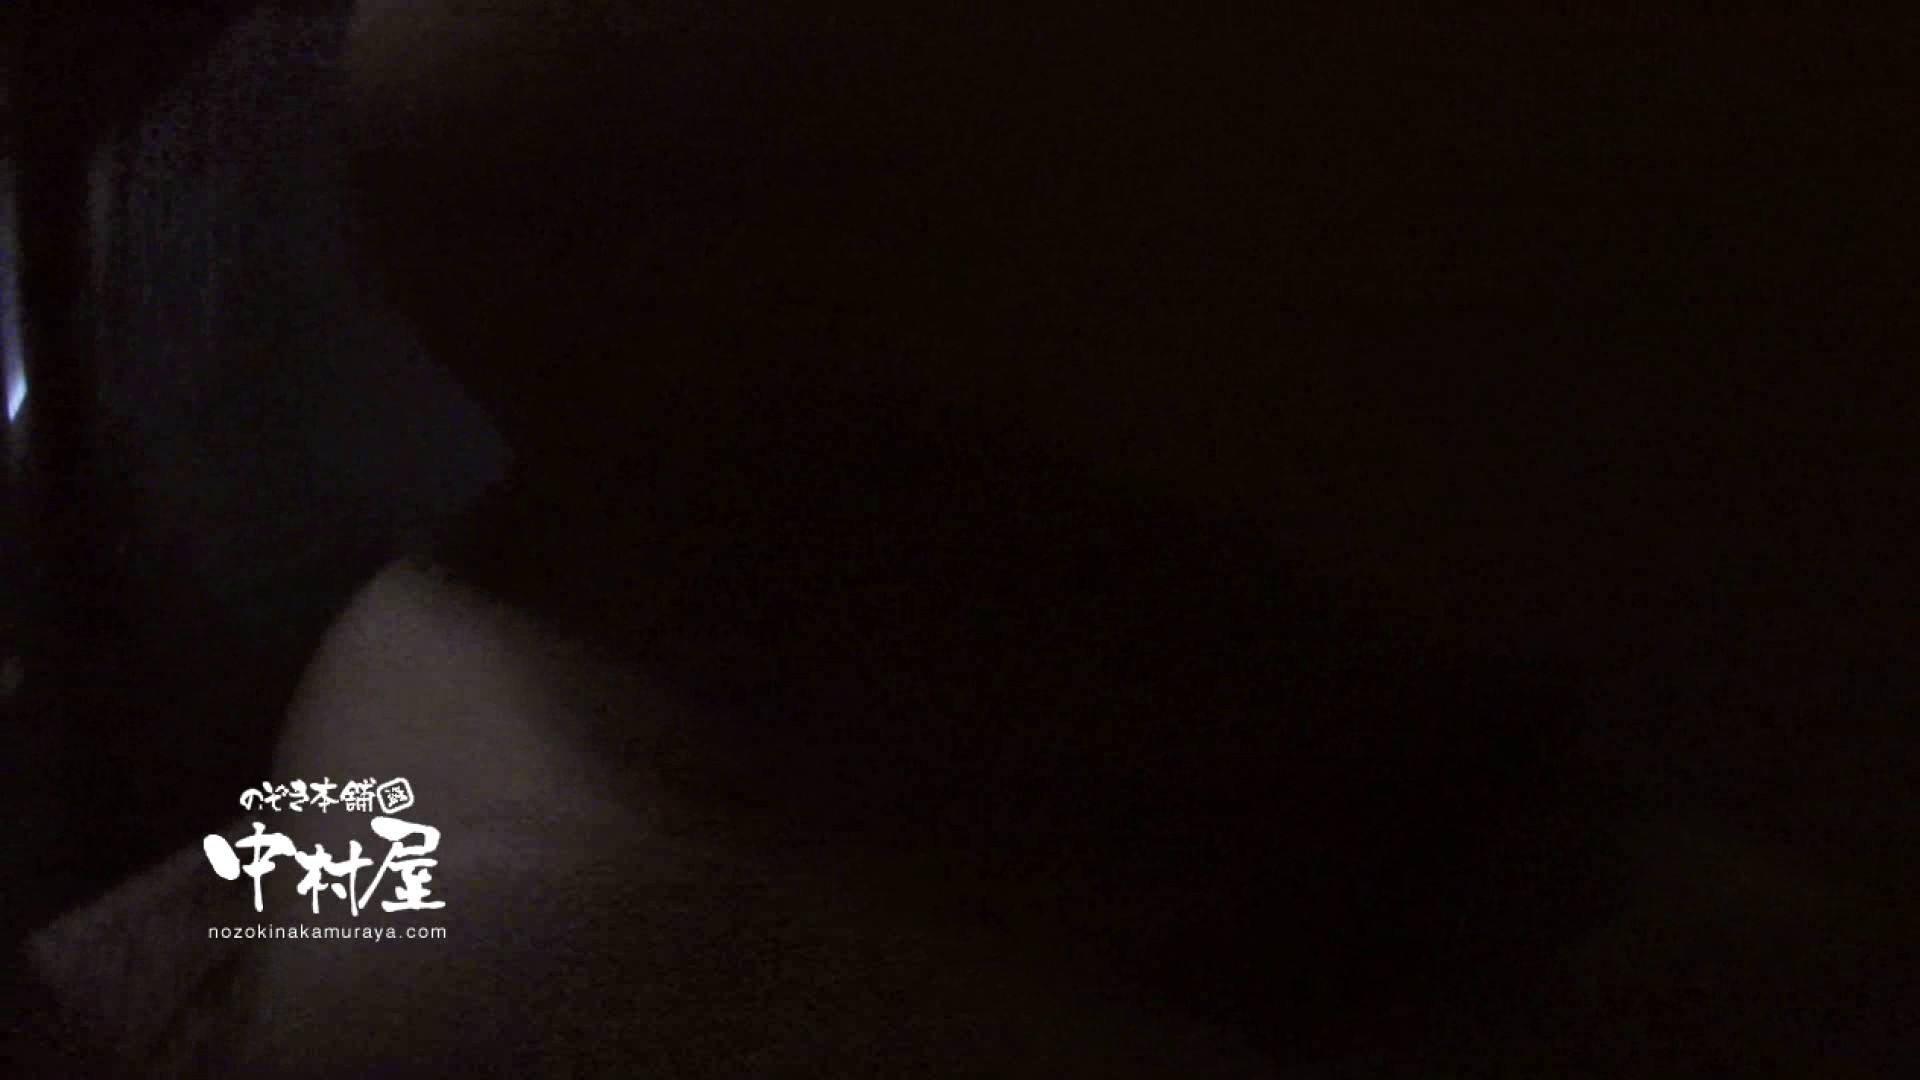 鬼畜 vol.10 あぁ無情…中出しパイパン! 前編 パイパン女子  107画像 70